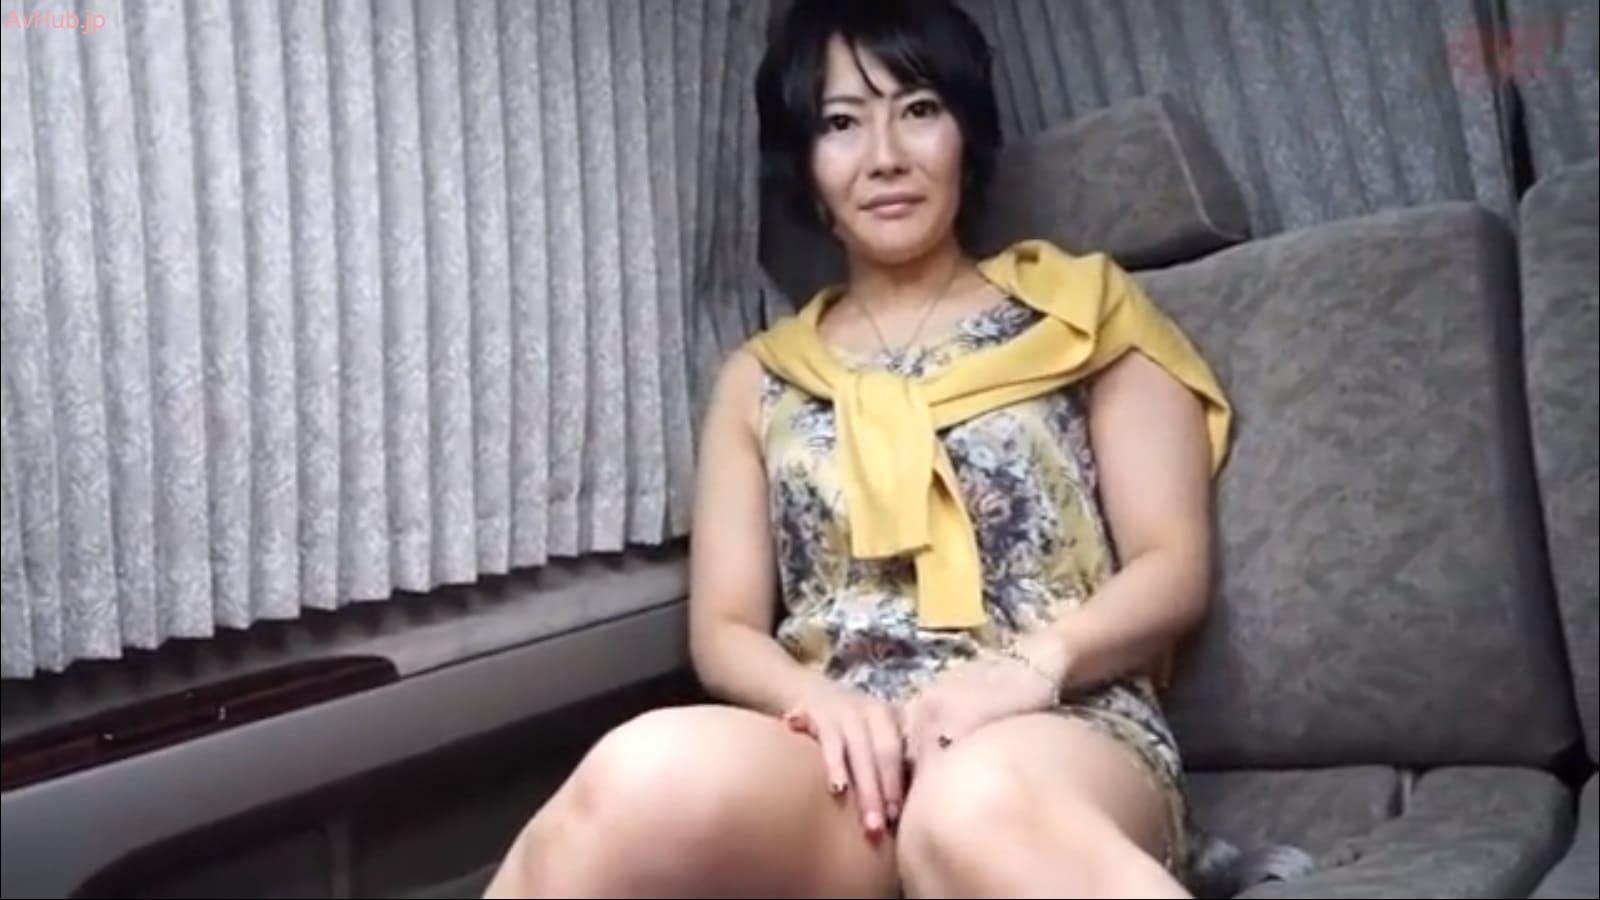 デート帰りの41歳美熟女さんは赤黒交互のマニキュア